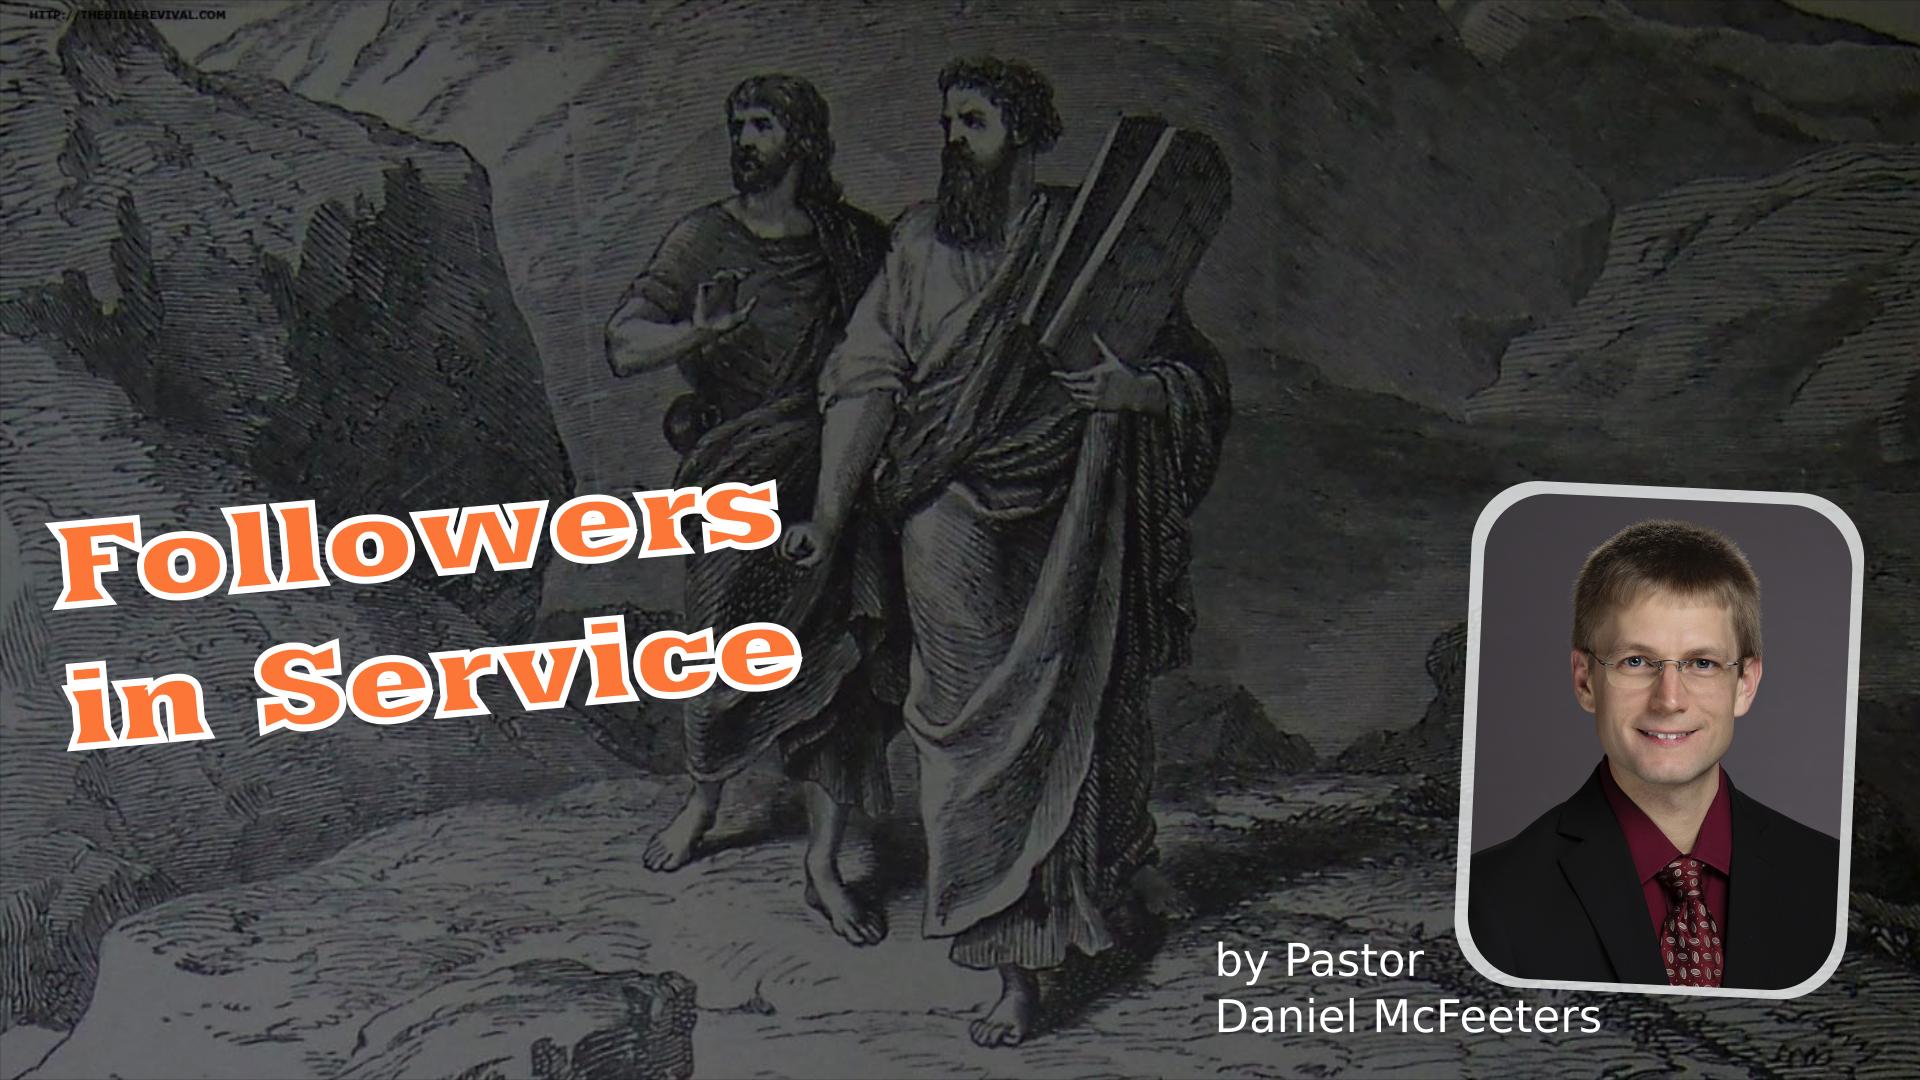 Followers in Service